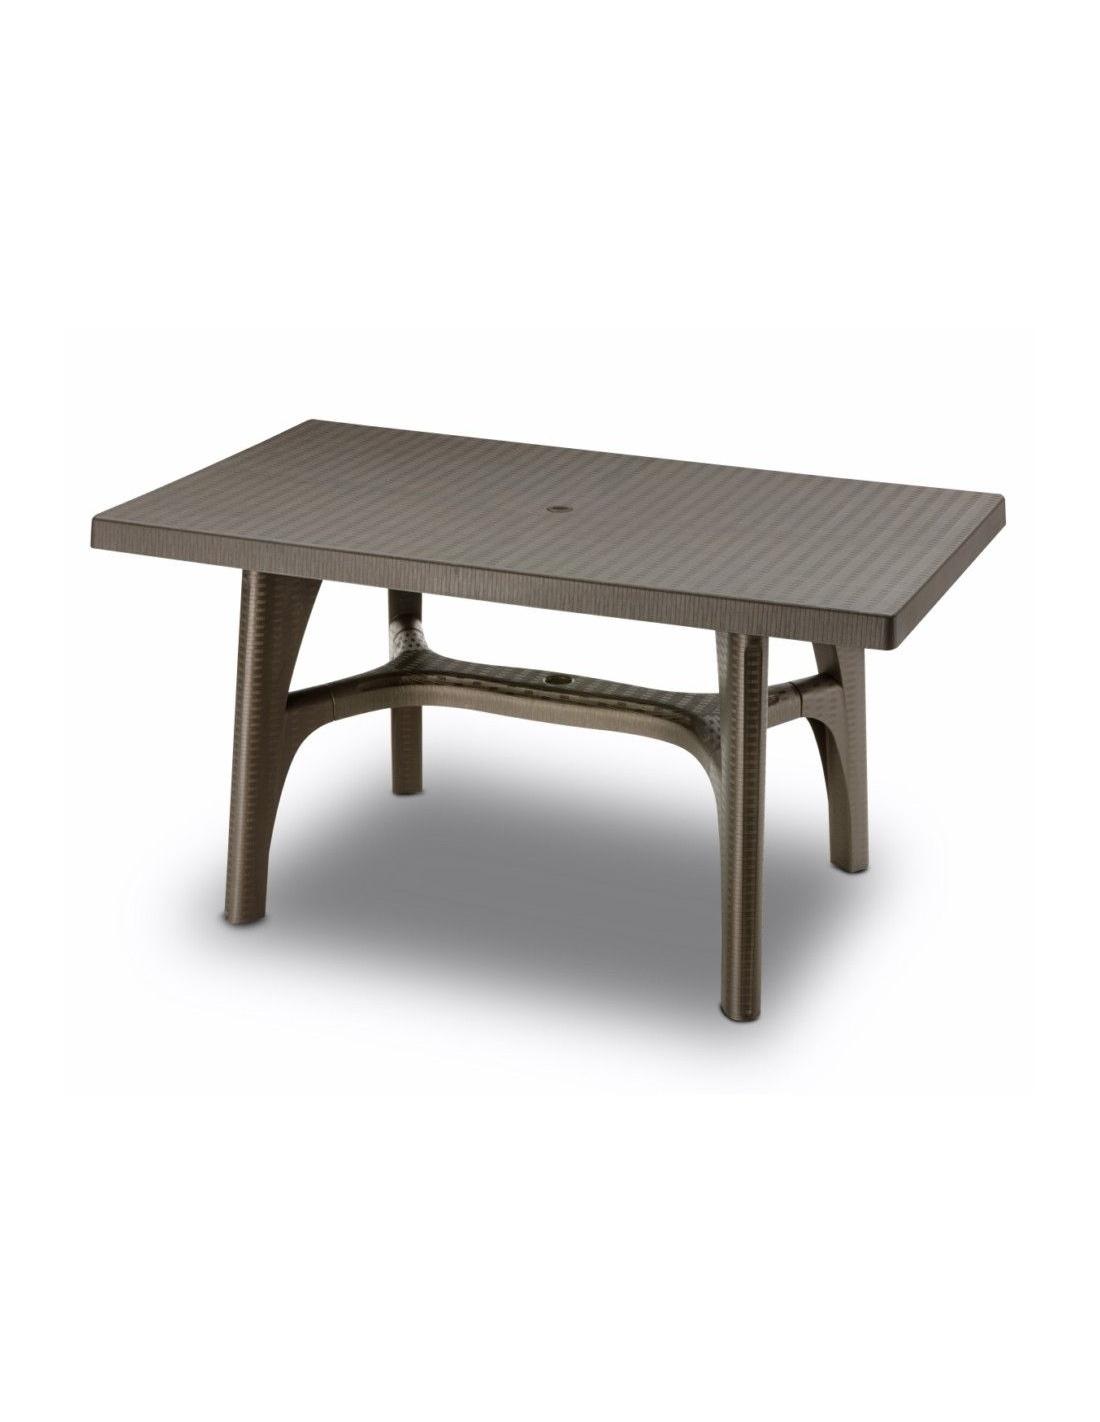 Tavoli In Plastica Smontabili.Tavolo Da Esterno Per Giardino Intrecciato 140 X 80 Cm Scab Design